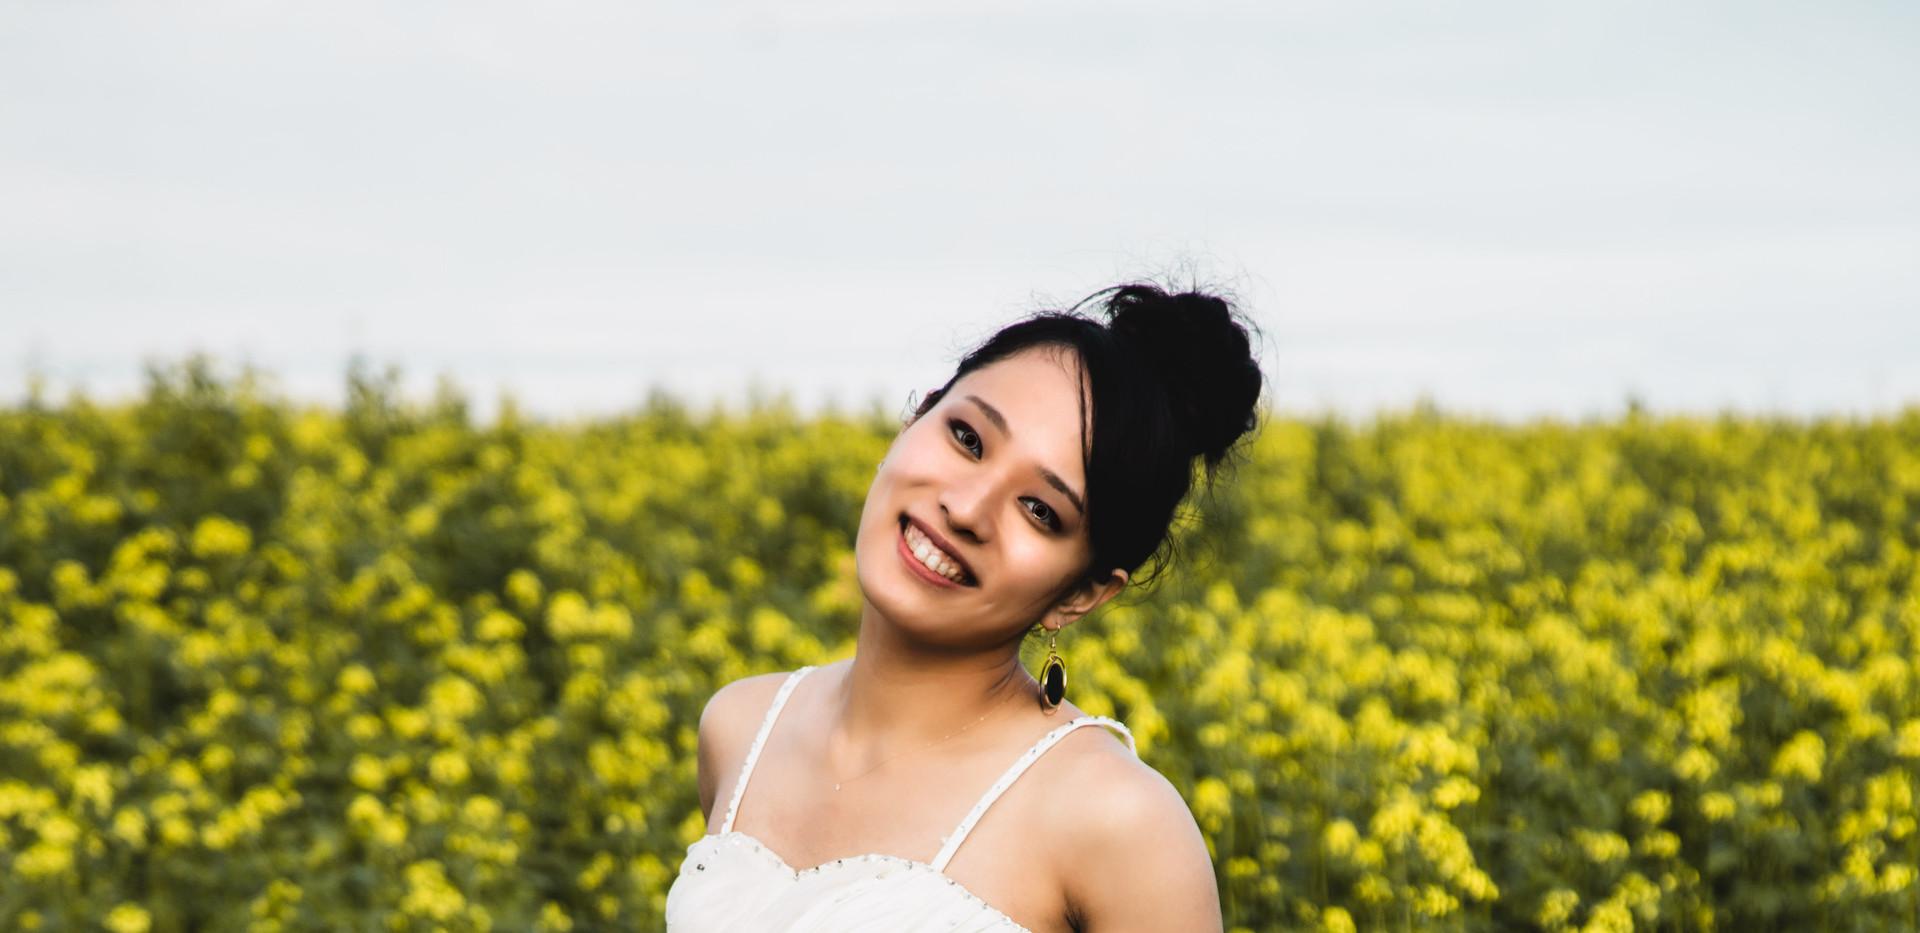 Die Braut / The Bride